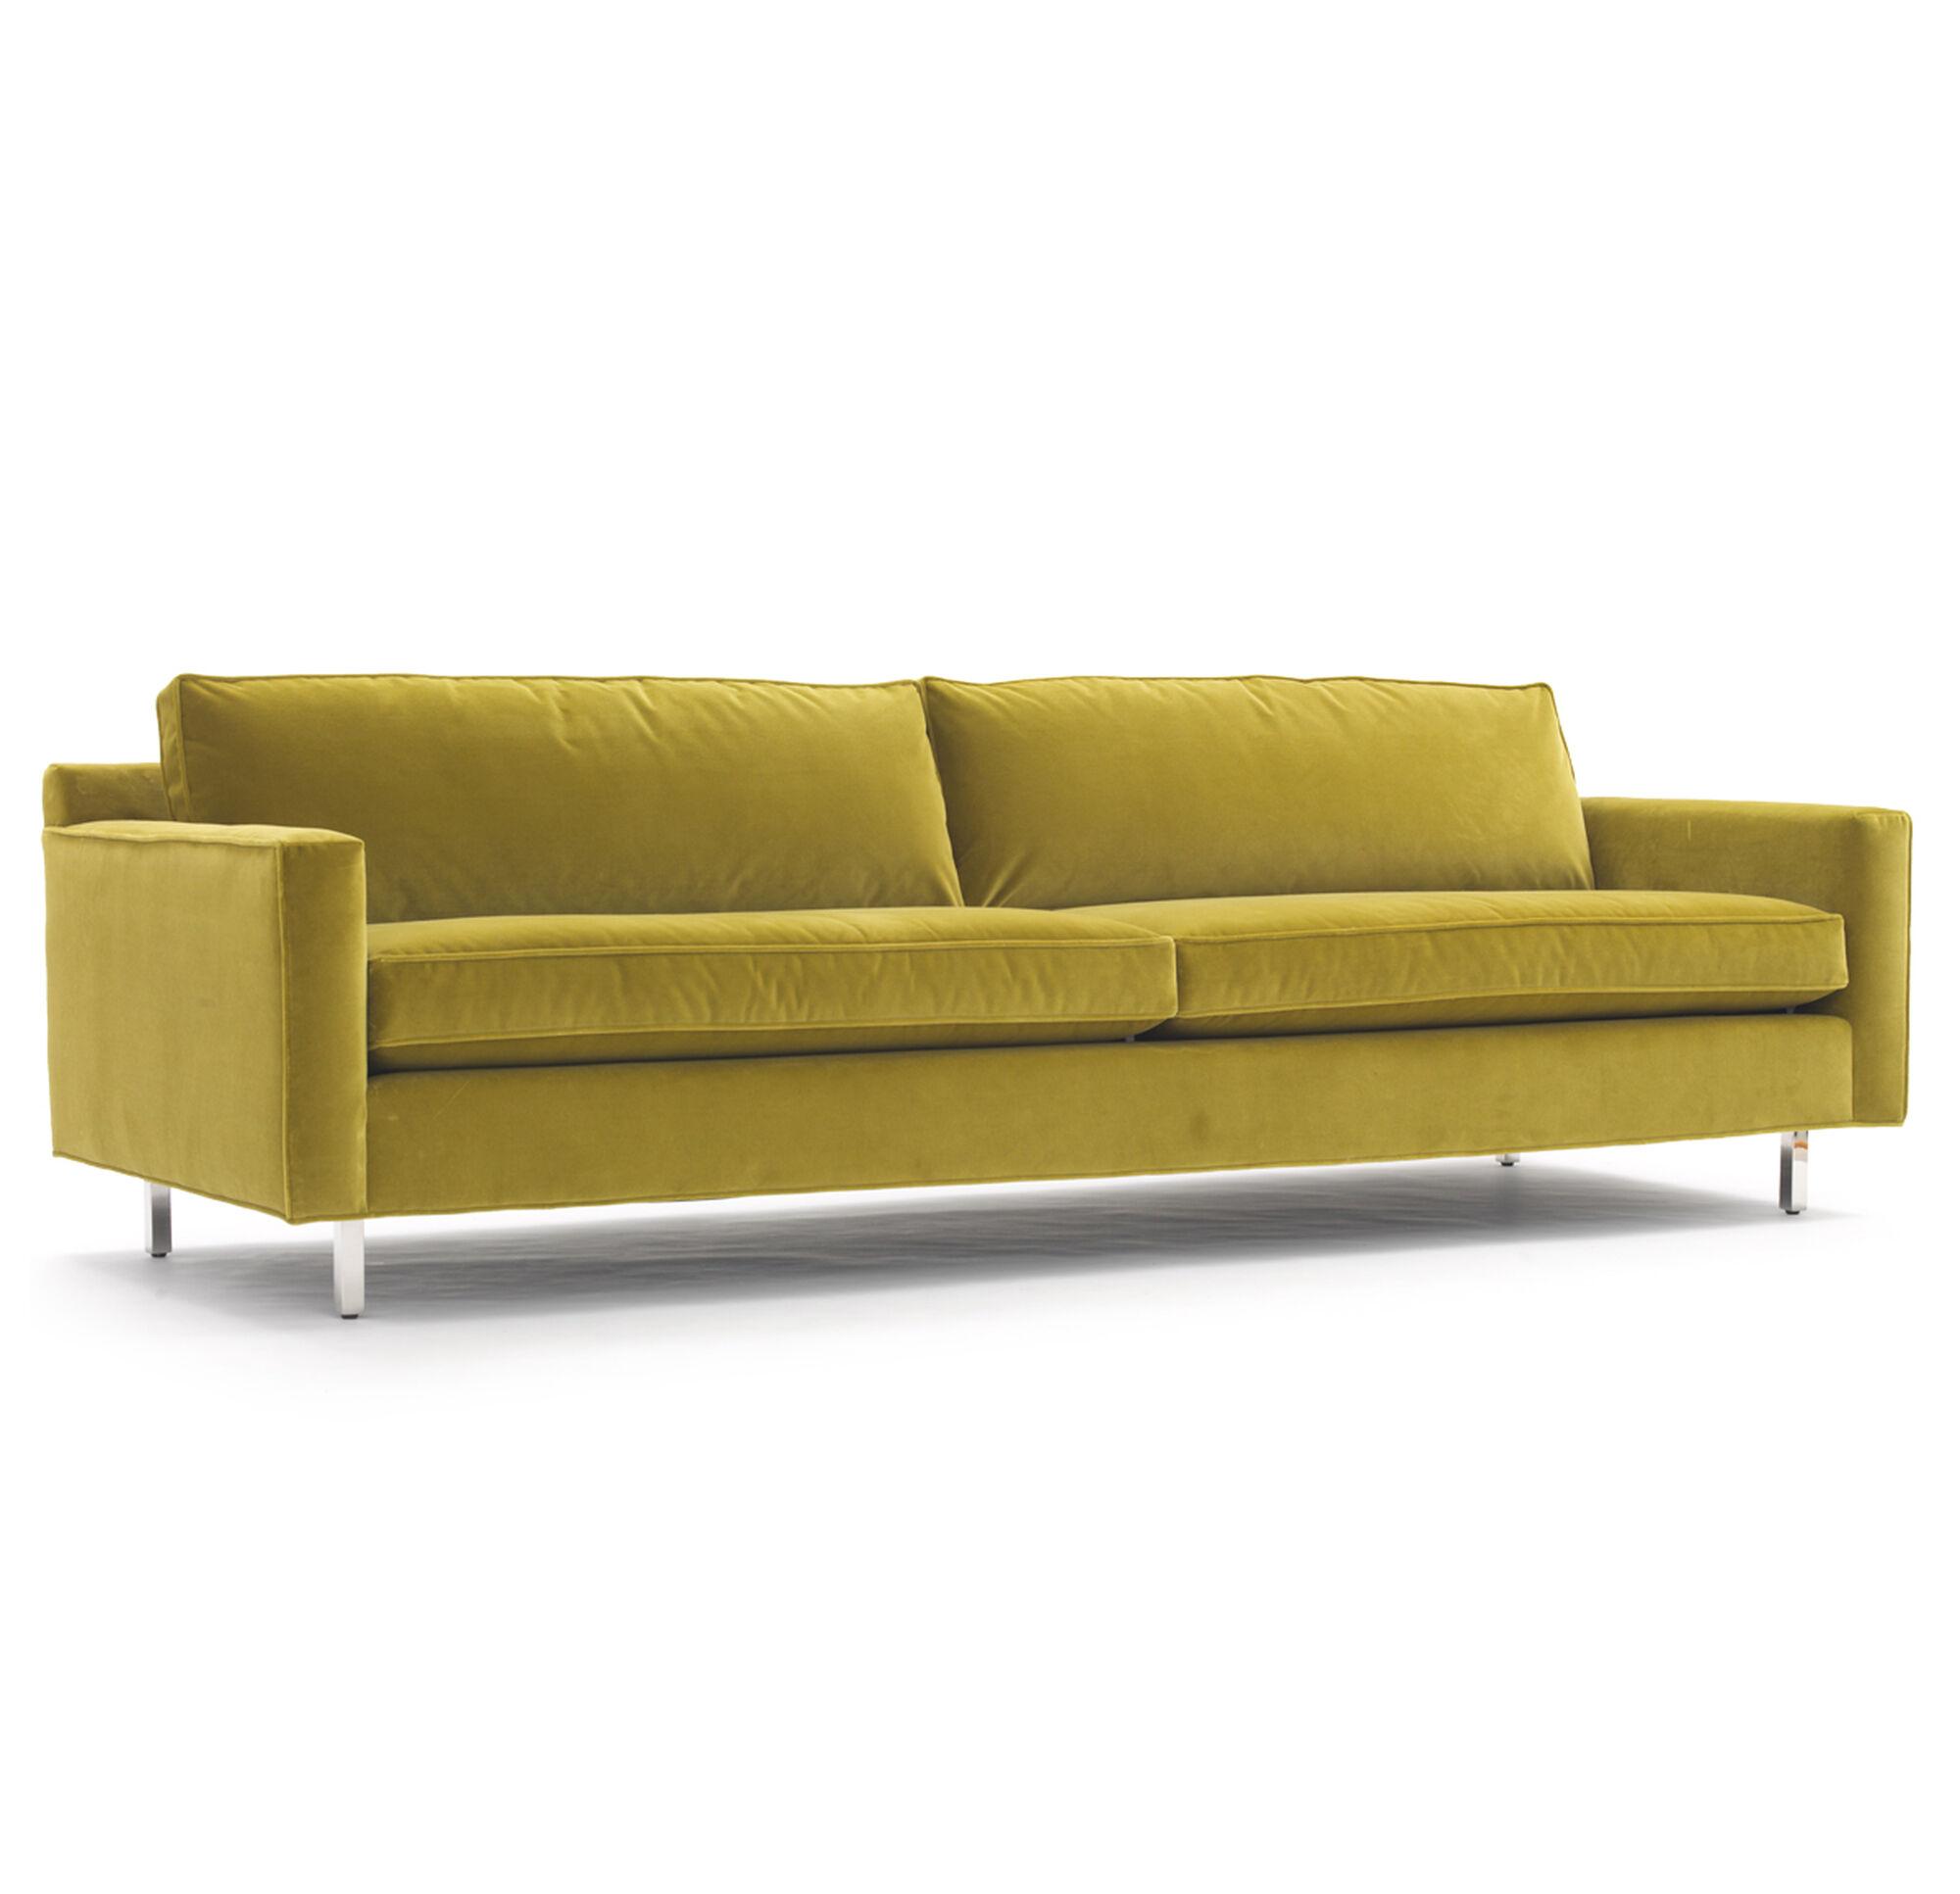 hunter sofa. Black Bedroom Furniture Sets. Home Design Ideas